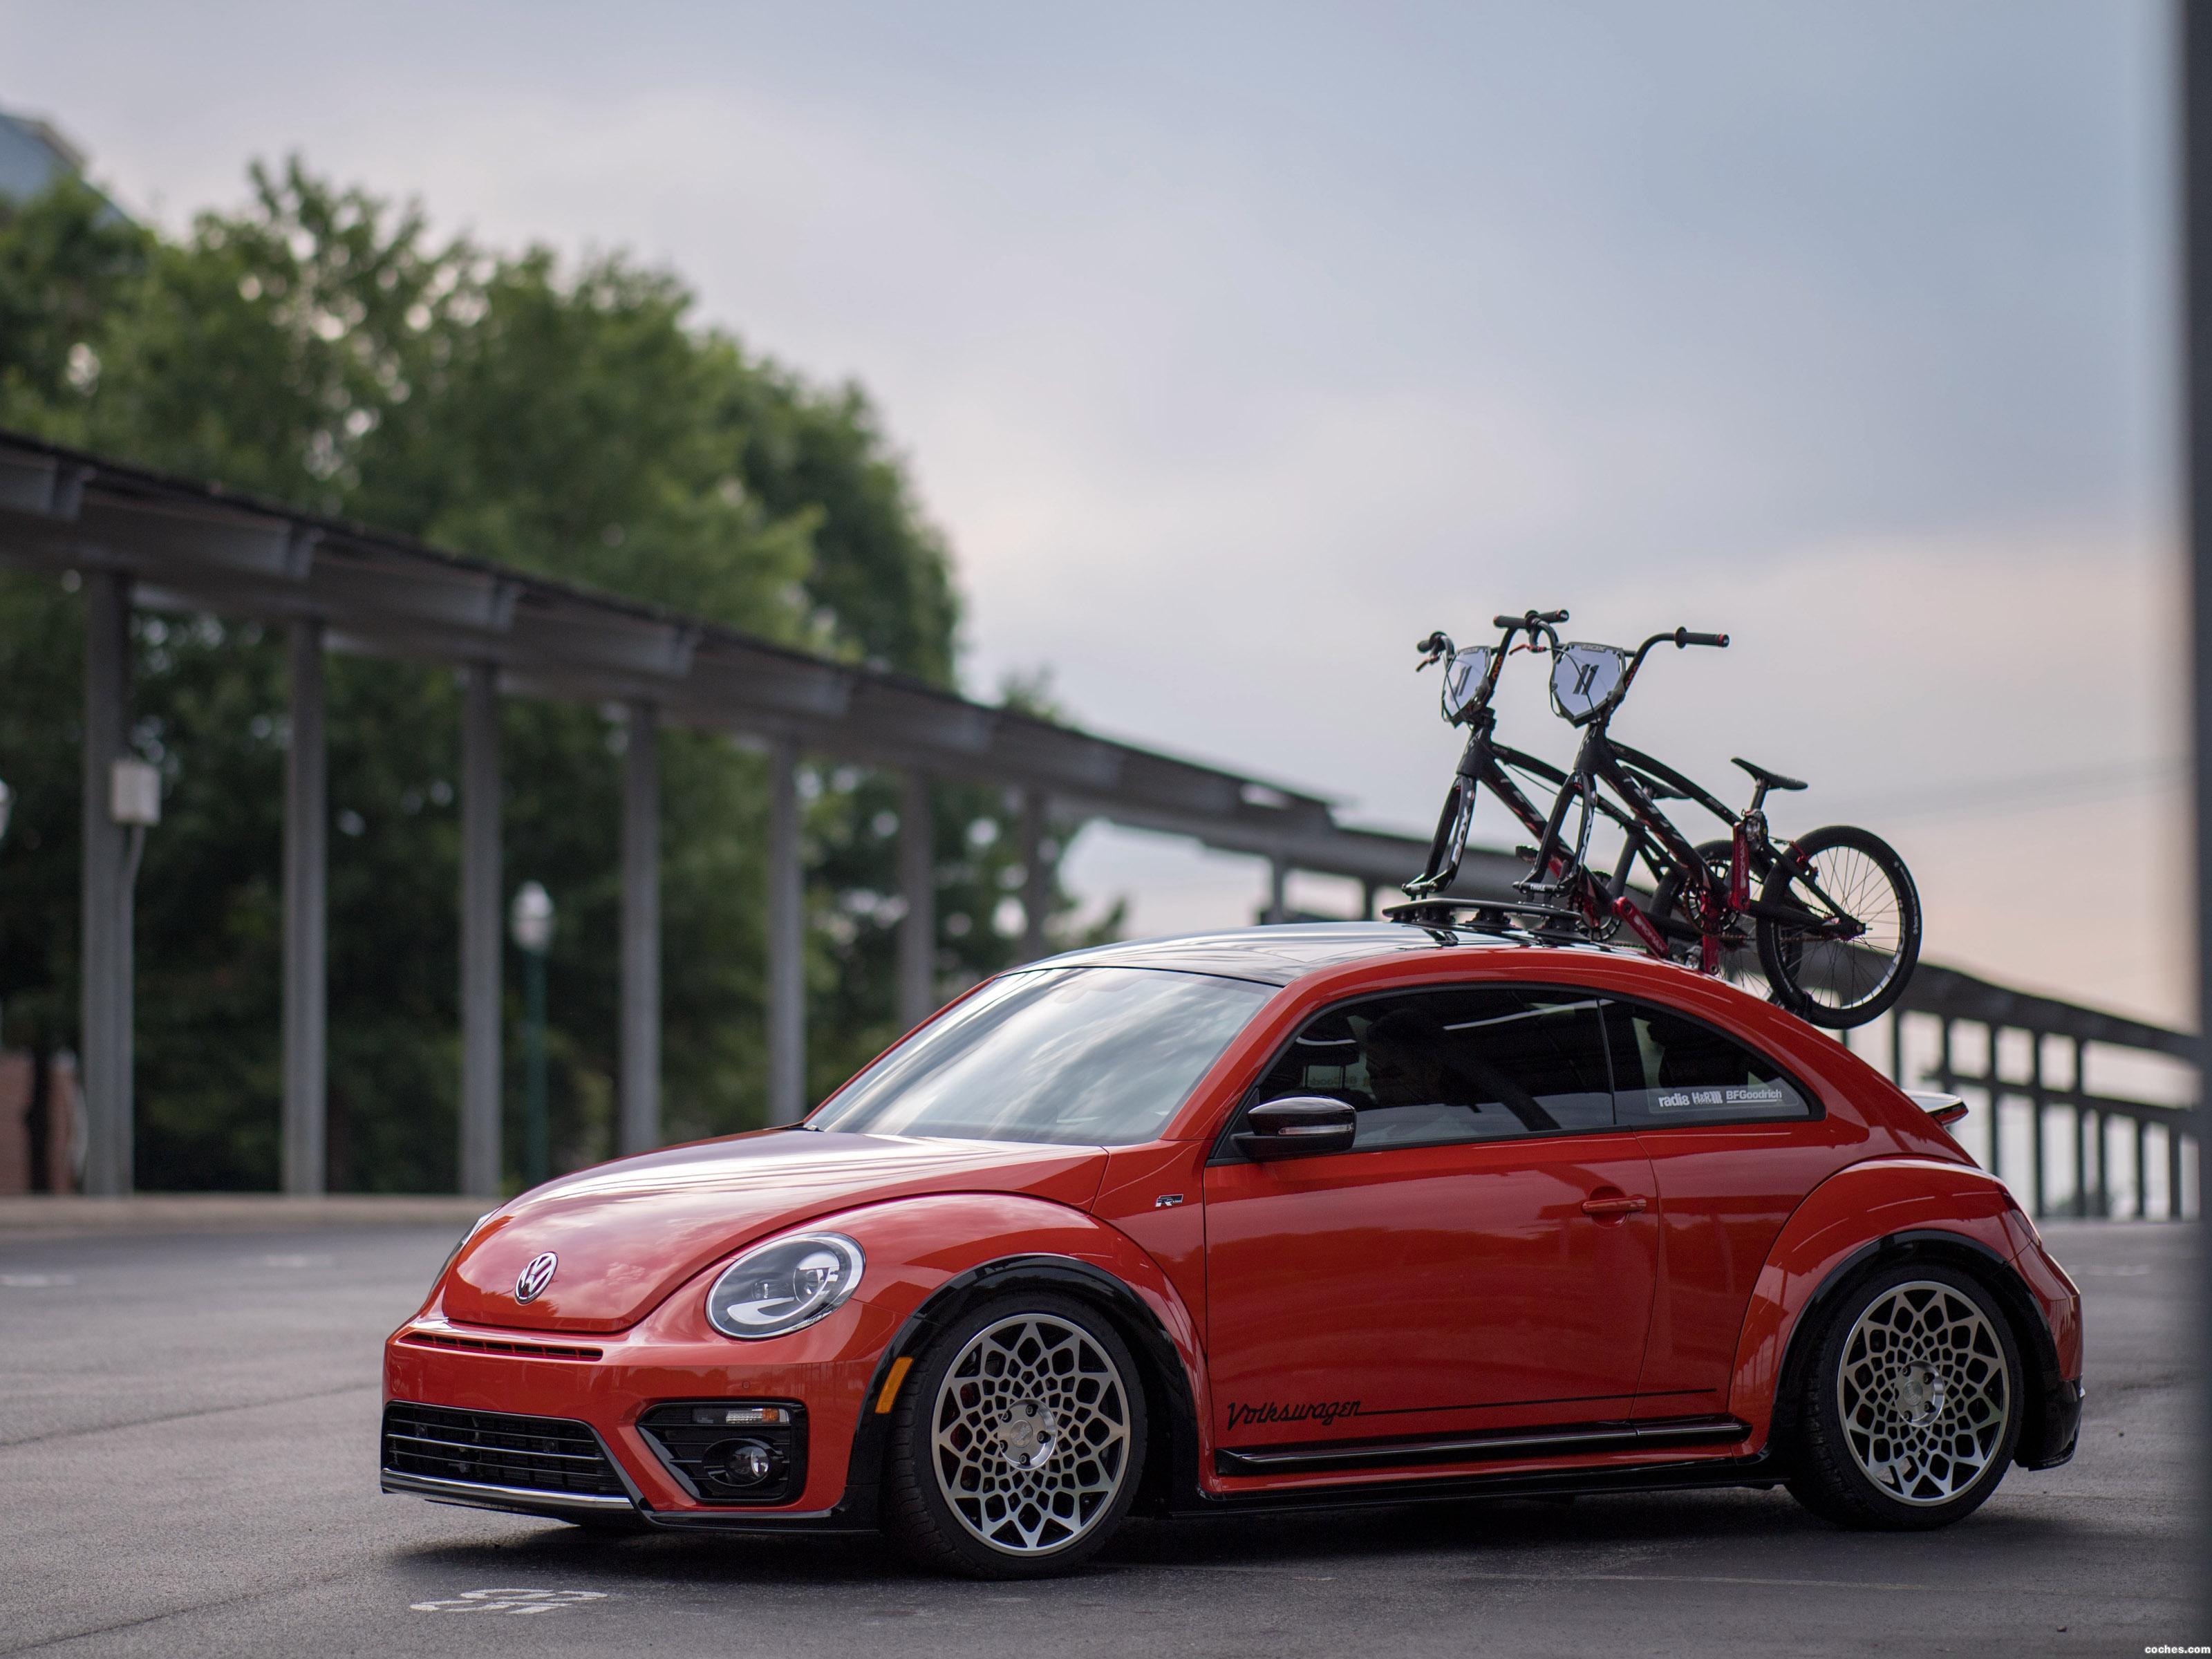 volkswagen_beetle-post-concept-2017_r5.jpg